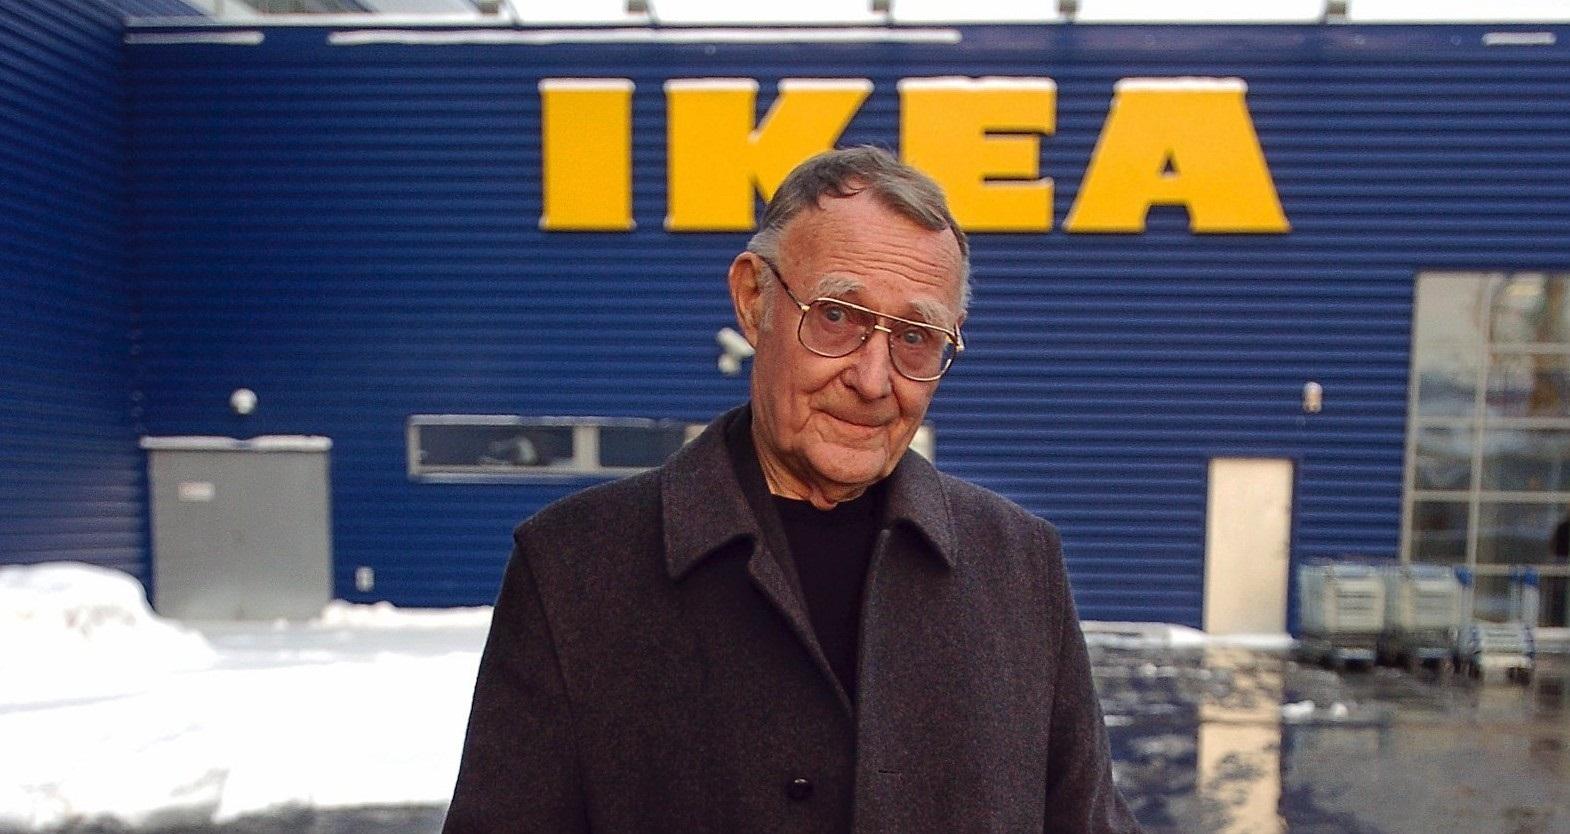 ingvar kamprad ikea - Fallece el fundador de Ikea, Ingvar Kamprad, dejando un gran legado empresarial